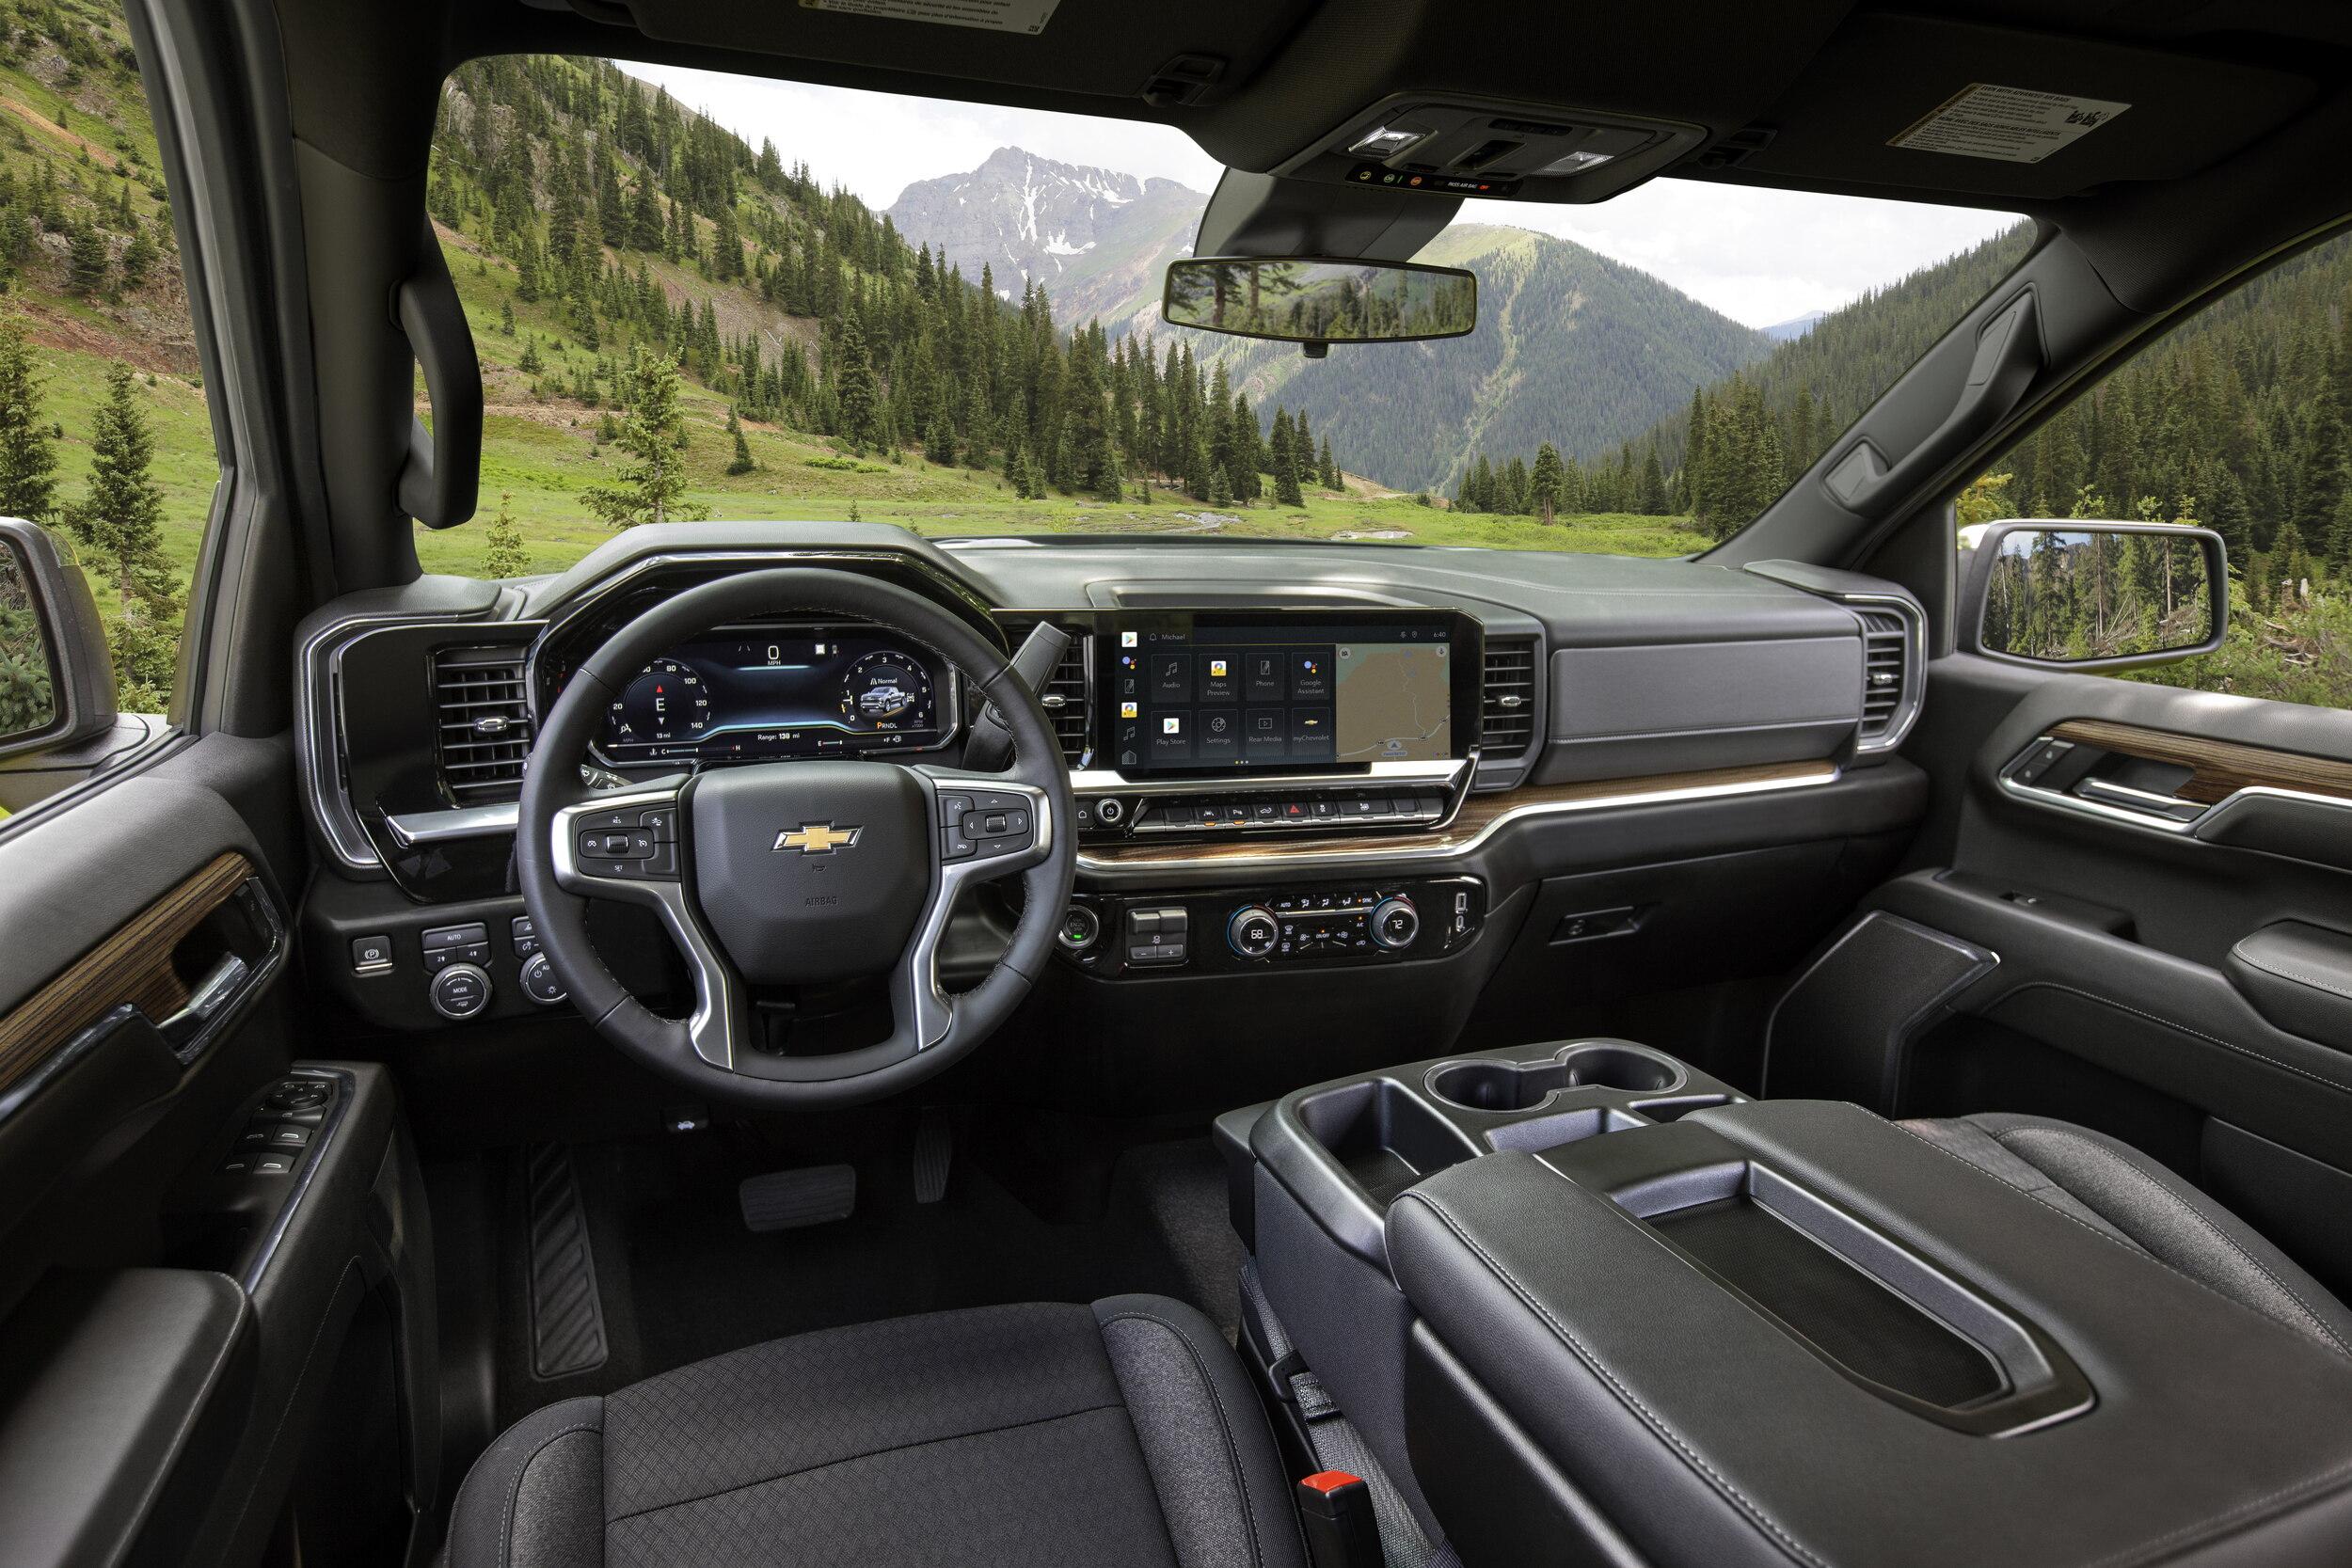 Chevrolet Silverado LT 2022